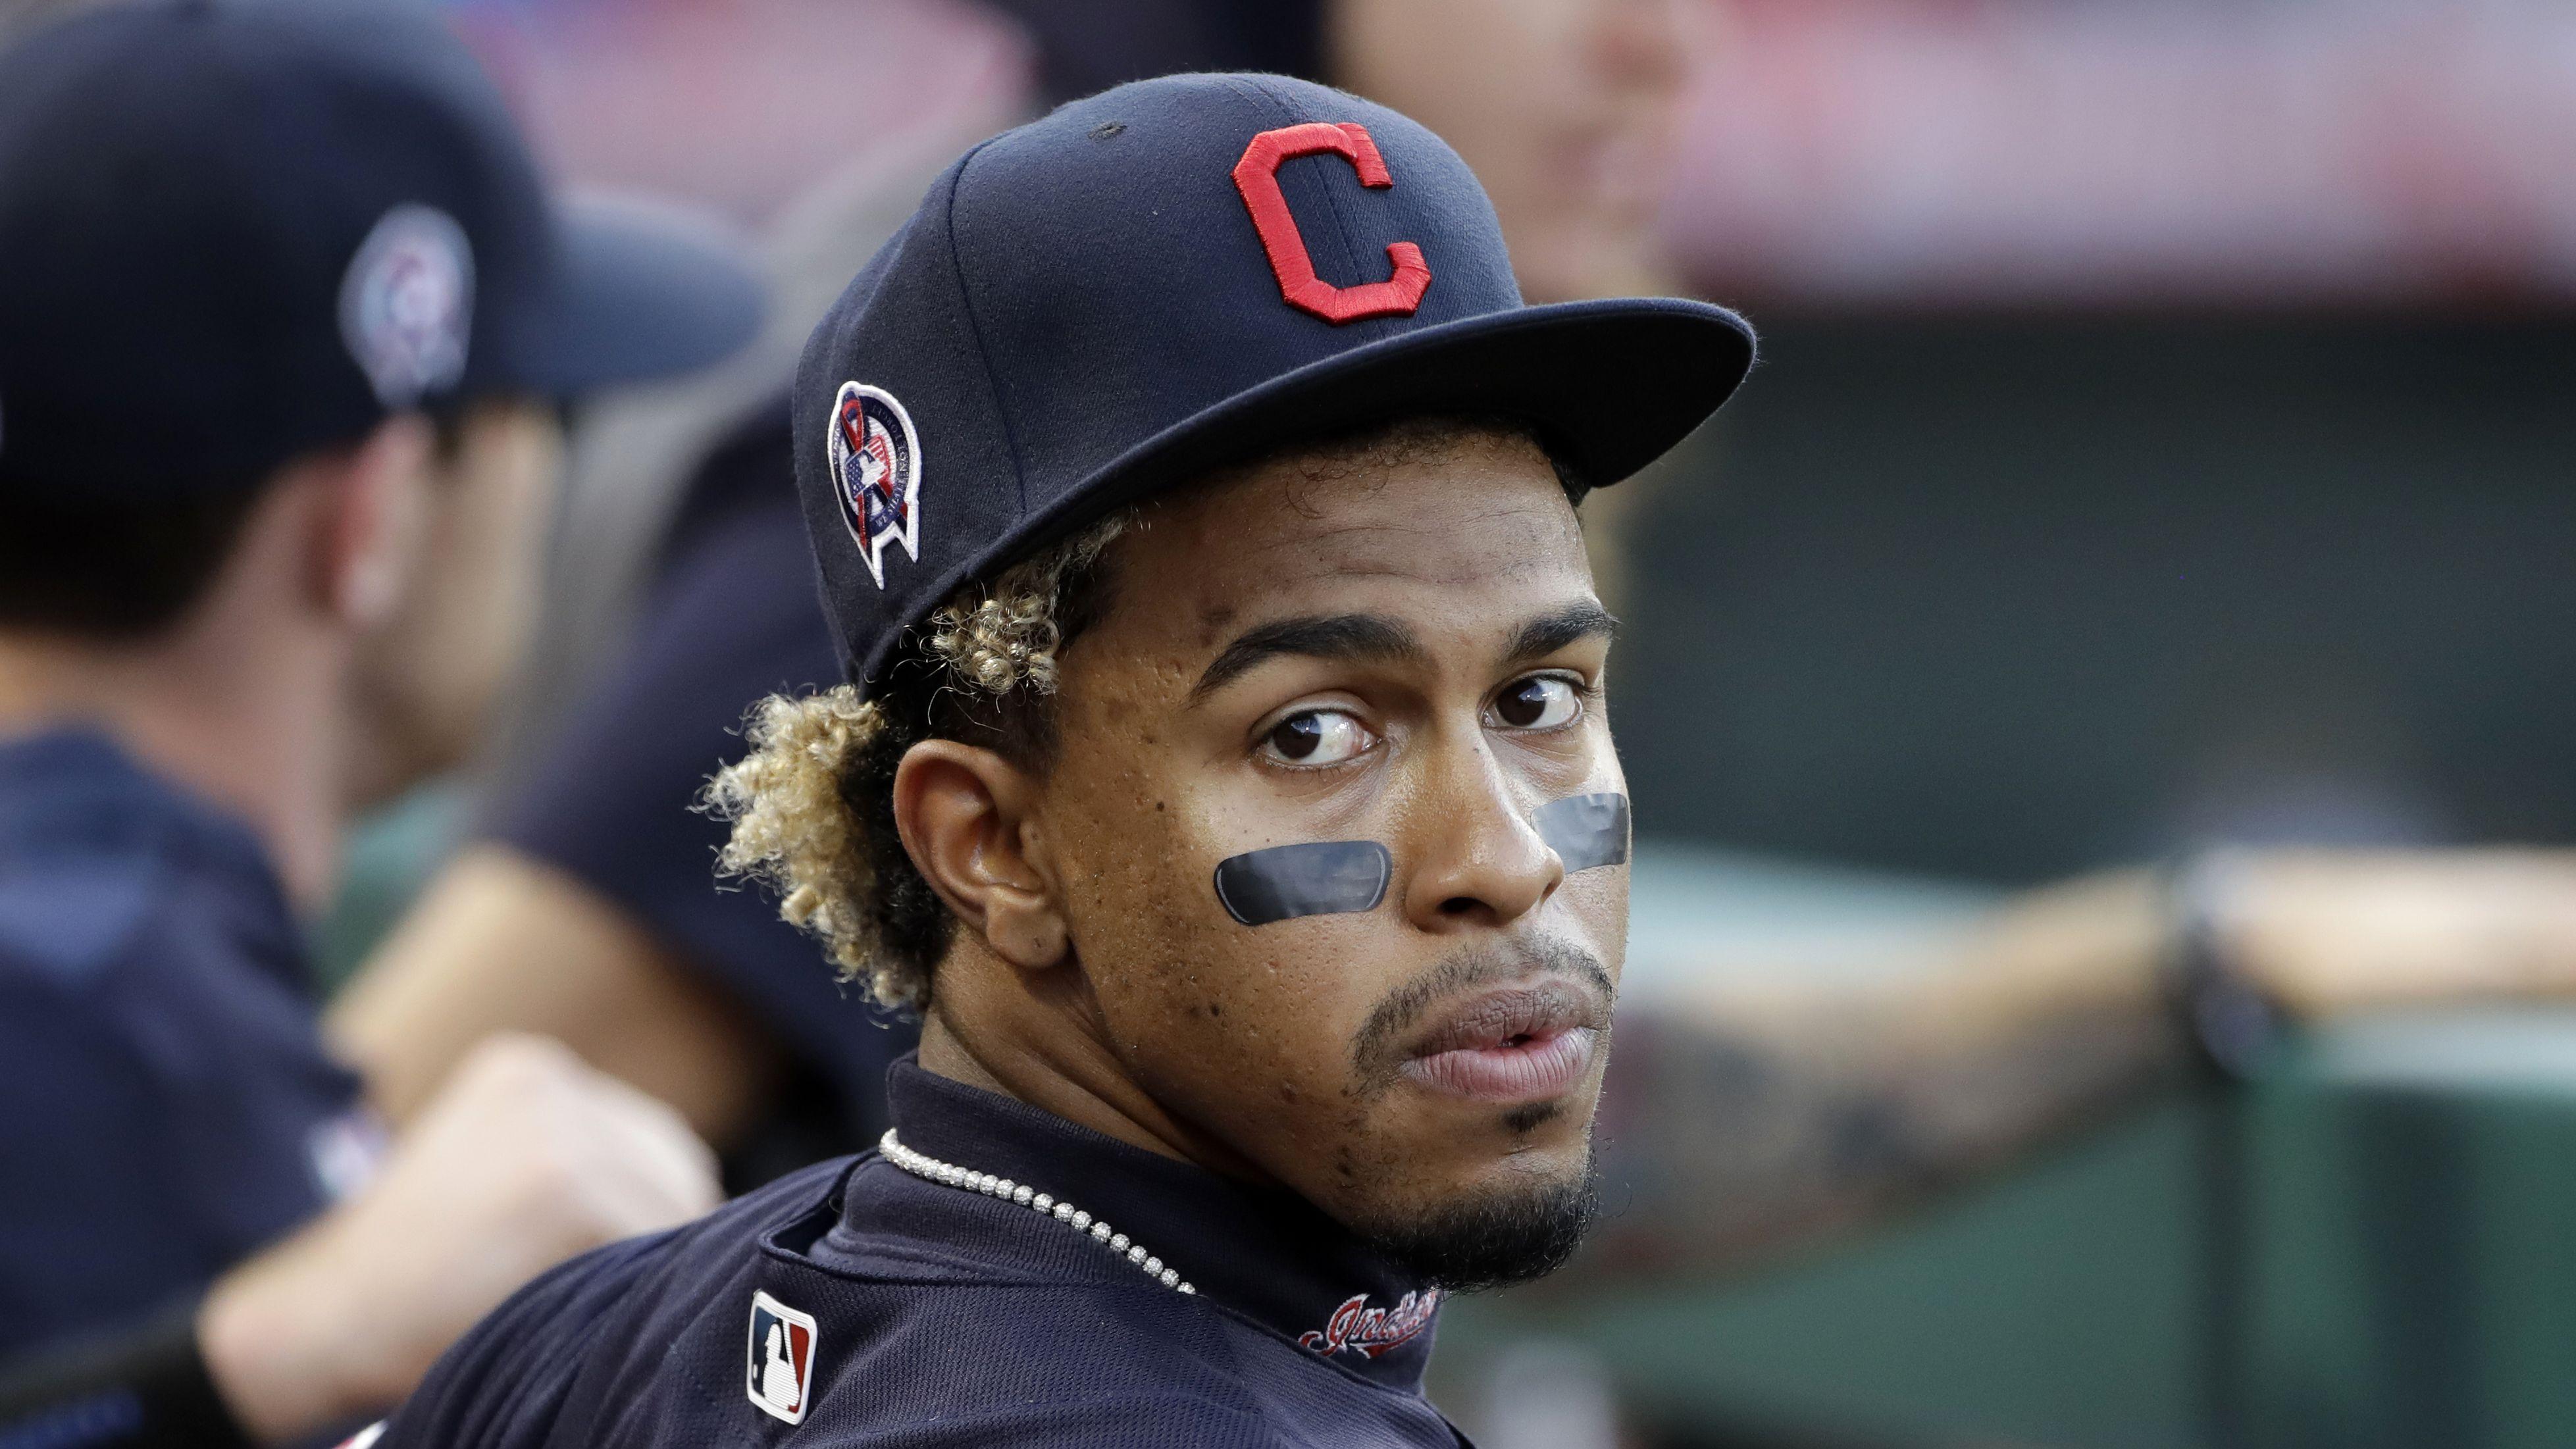 Is the 2020 baseball season in jeopardy?